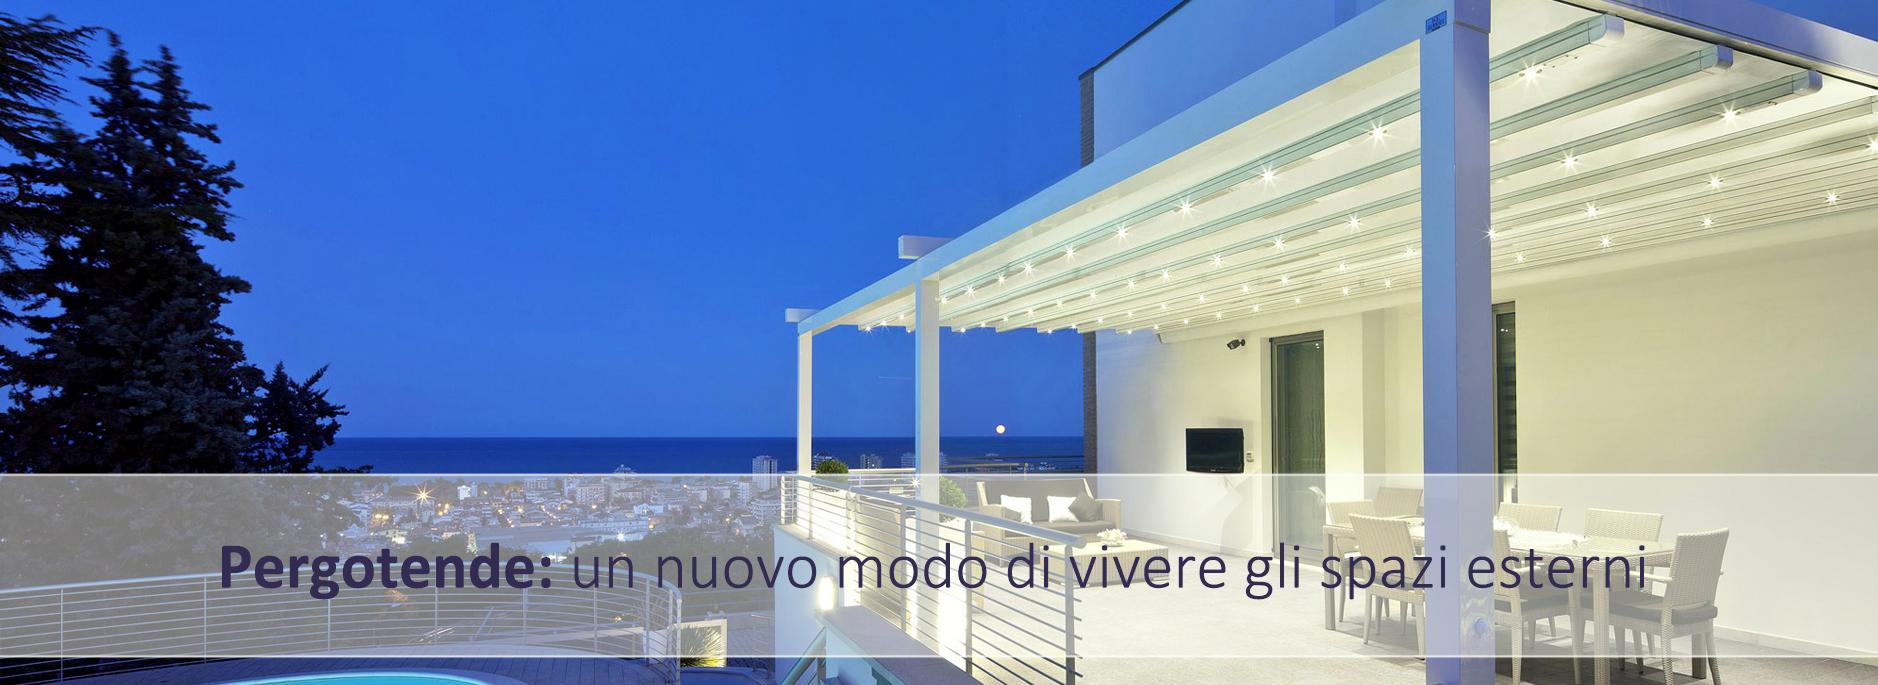 pergotende blue tende Ardea Torvaianica Pomezia Anzio Nettuno